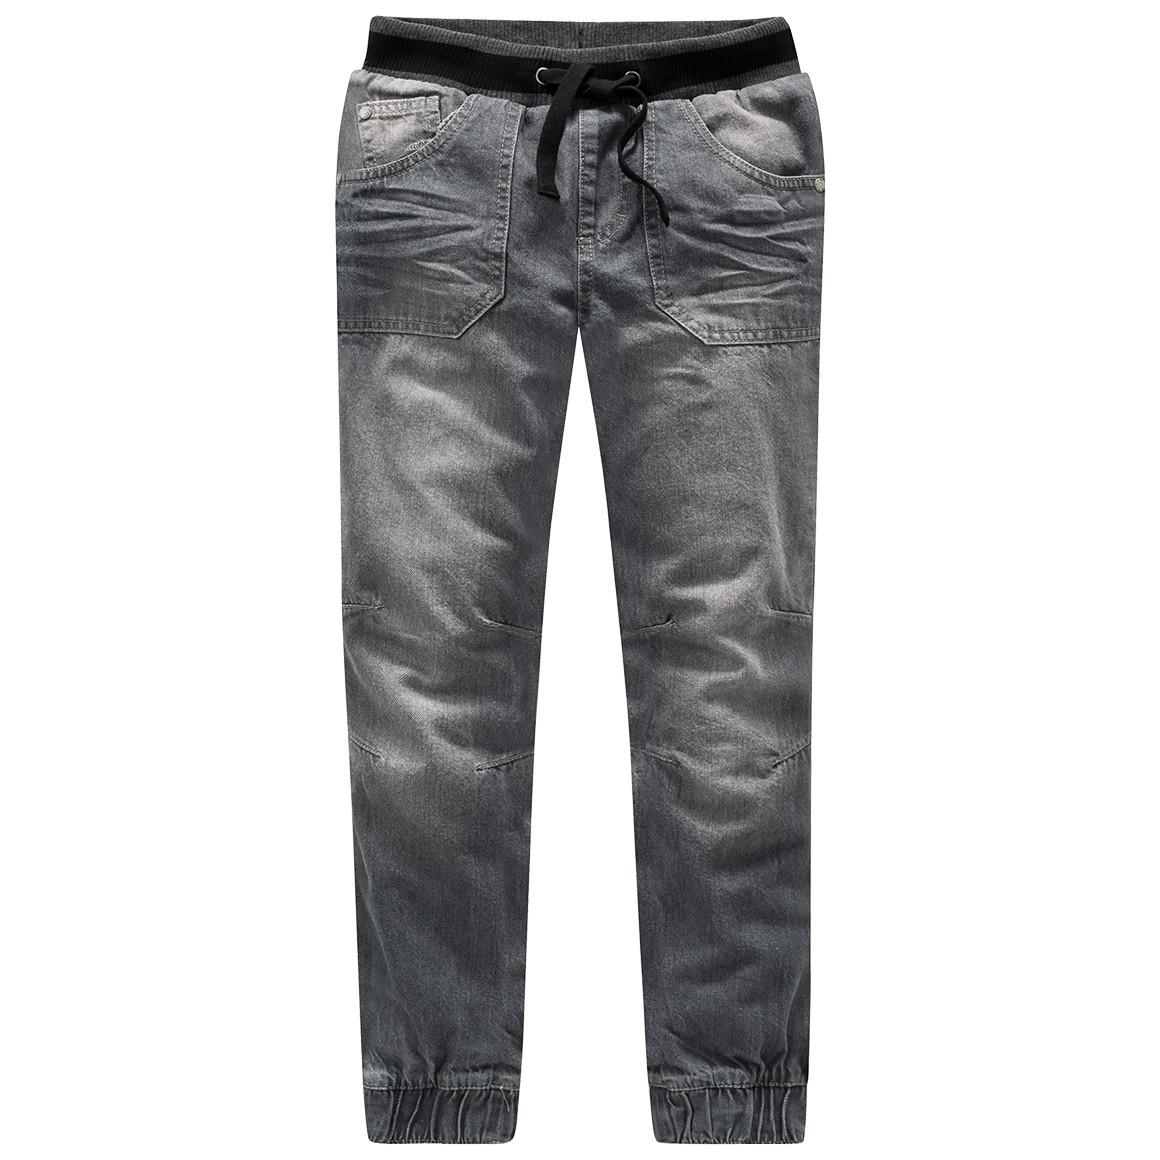 Boyshosen - Jungen Thermo Jeans mit Rippbund - Onlineshop Ernstings family